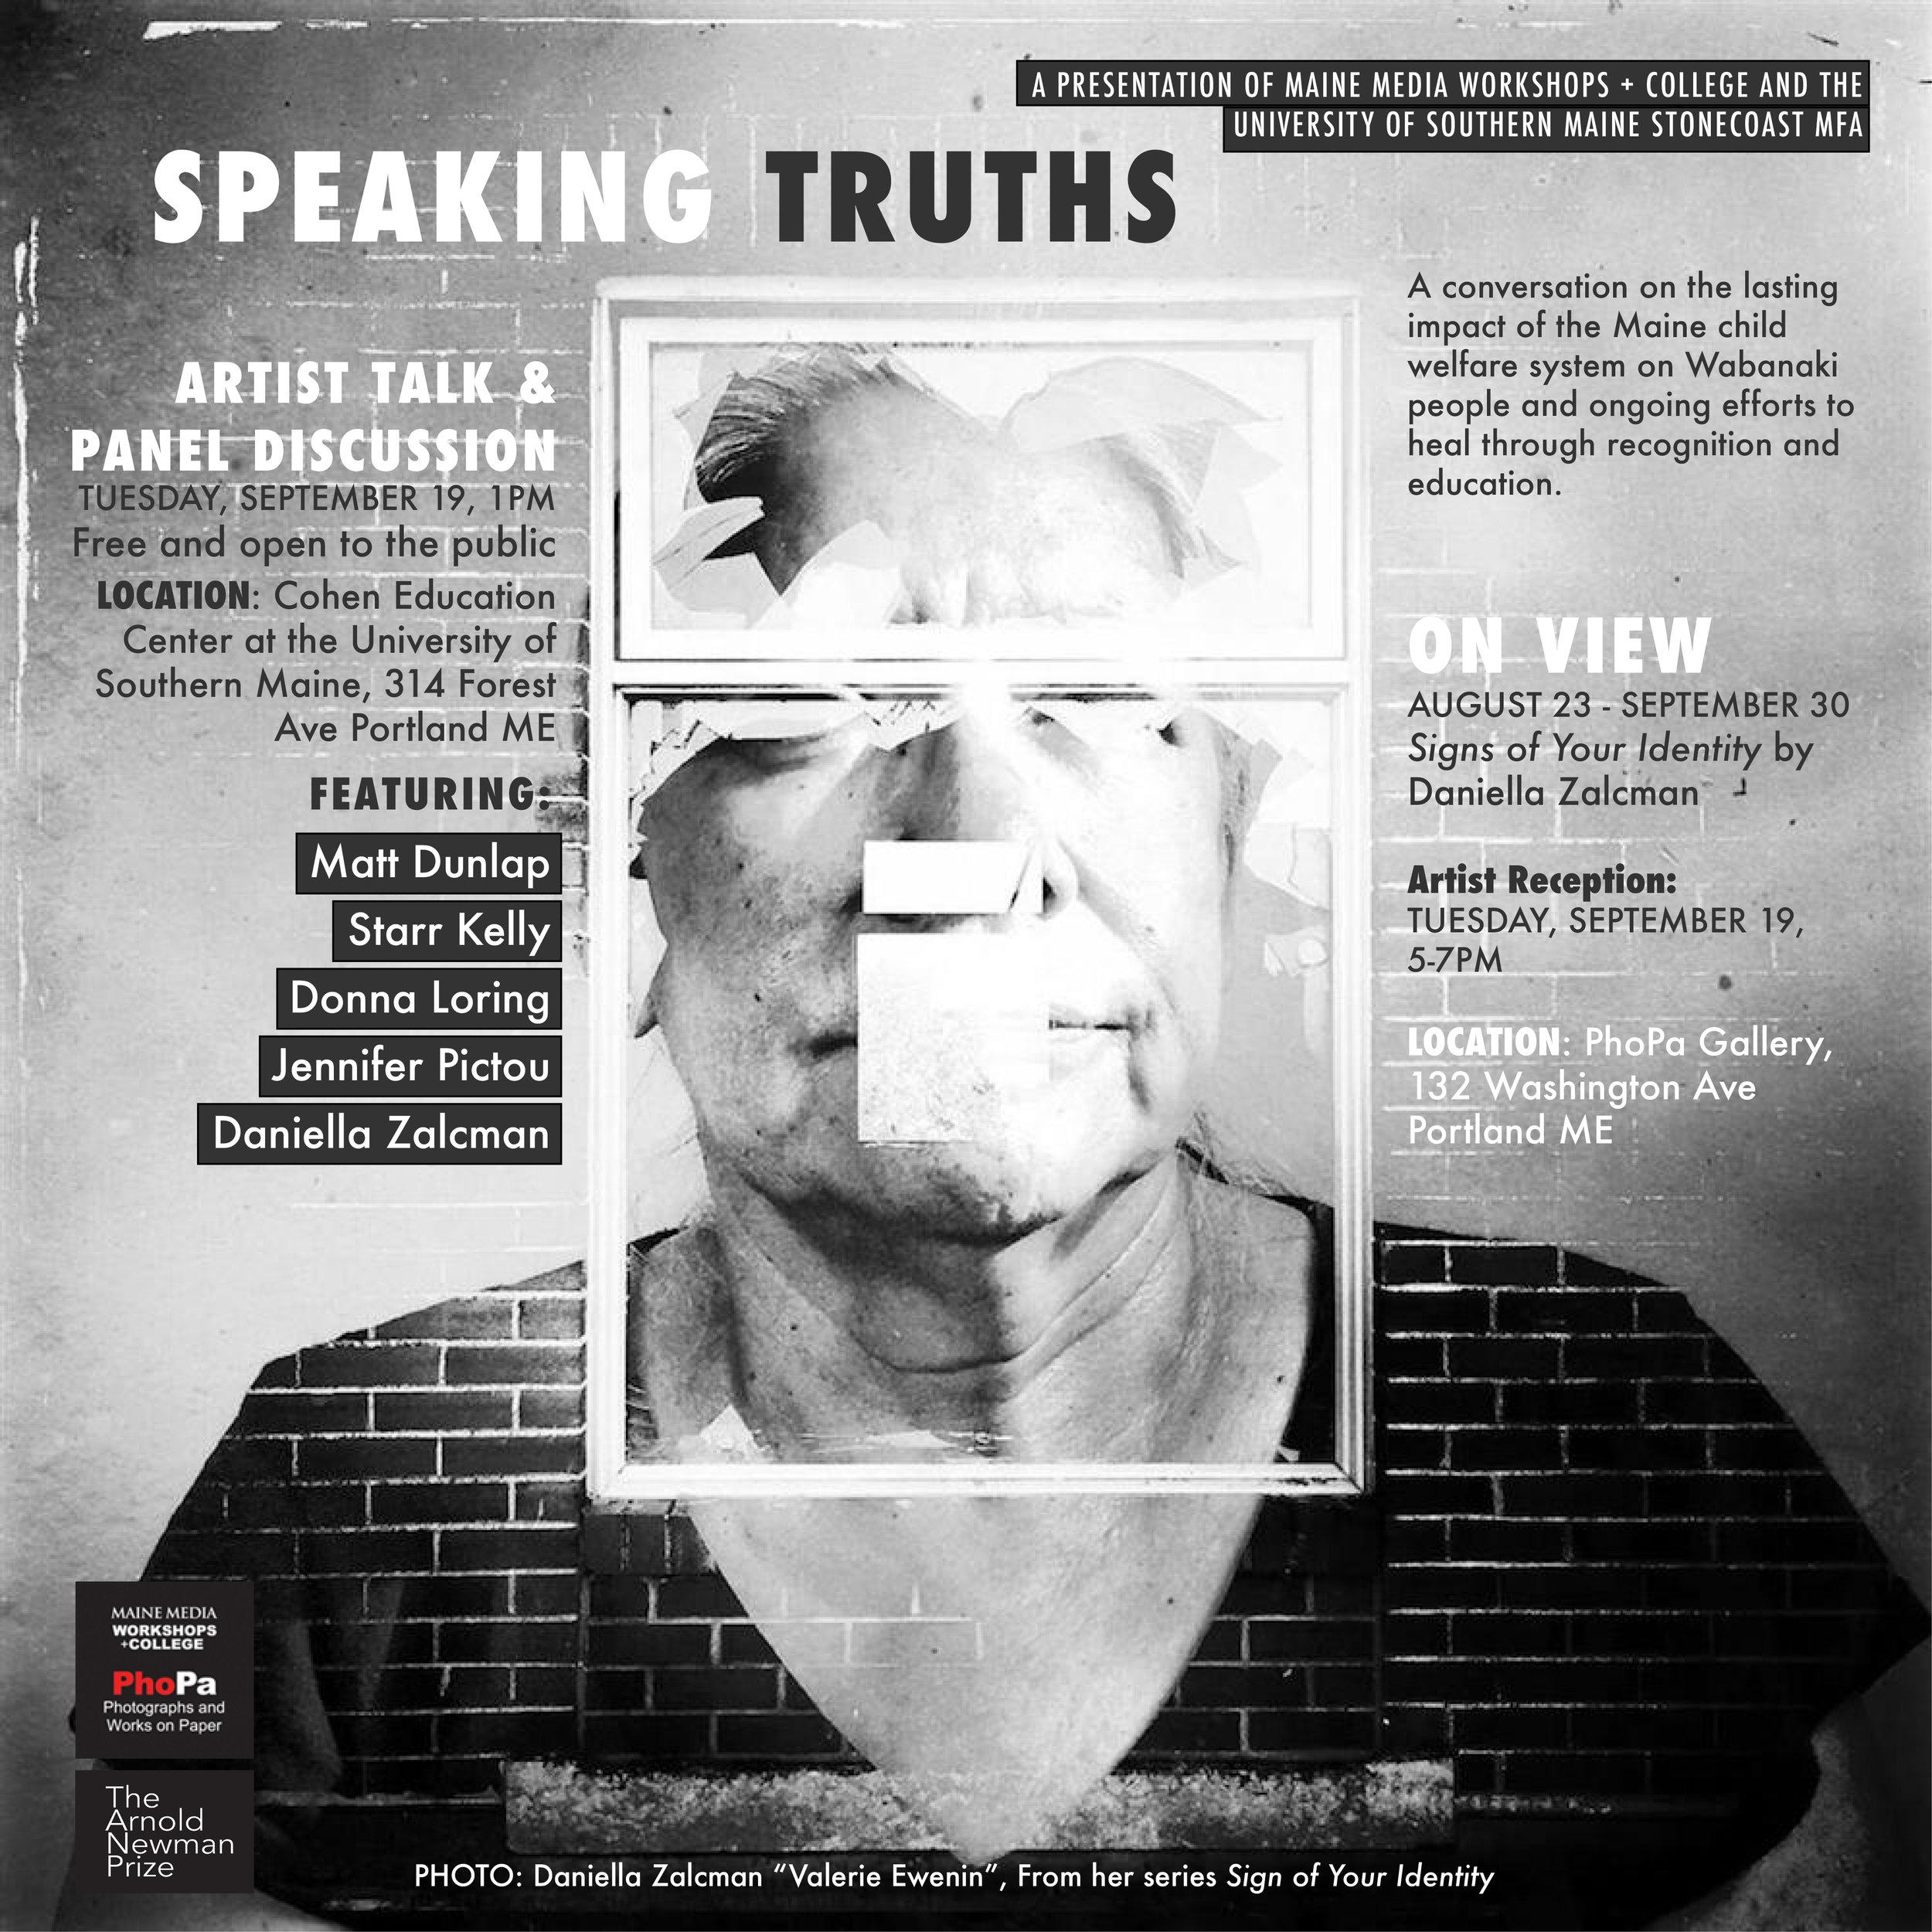 speaking truths_social media promo.jpg